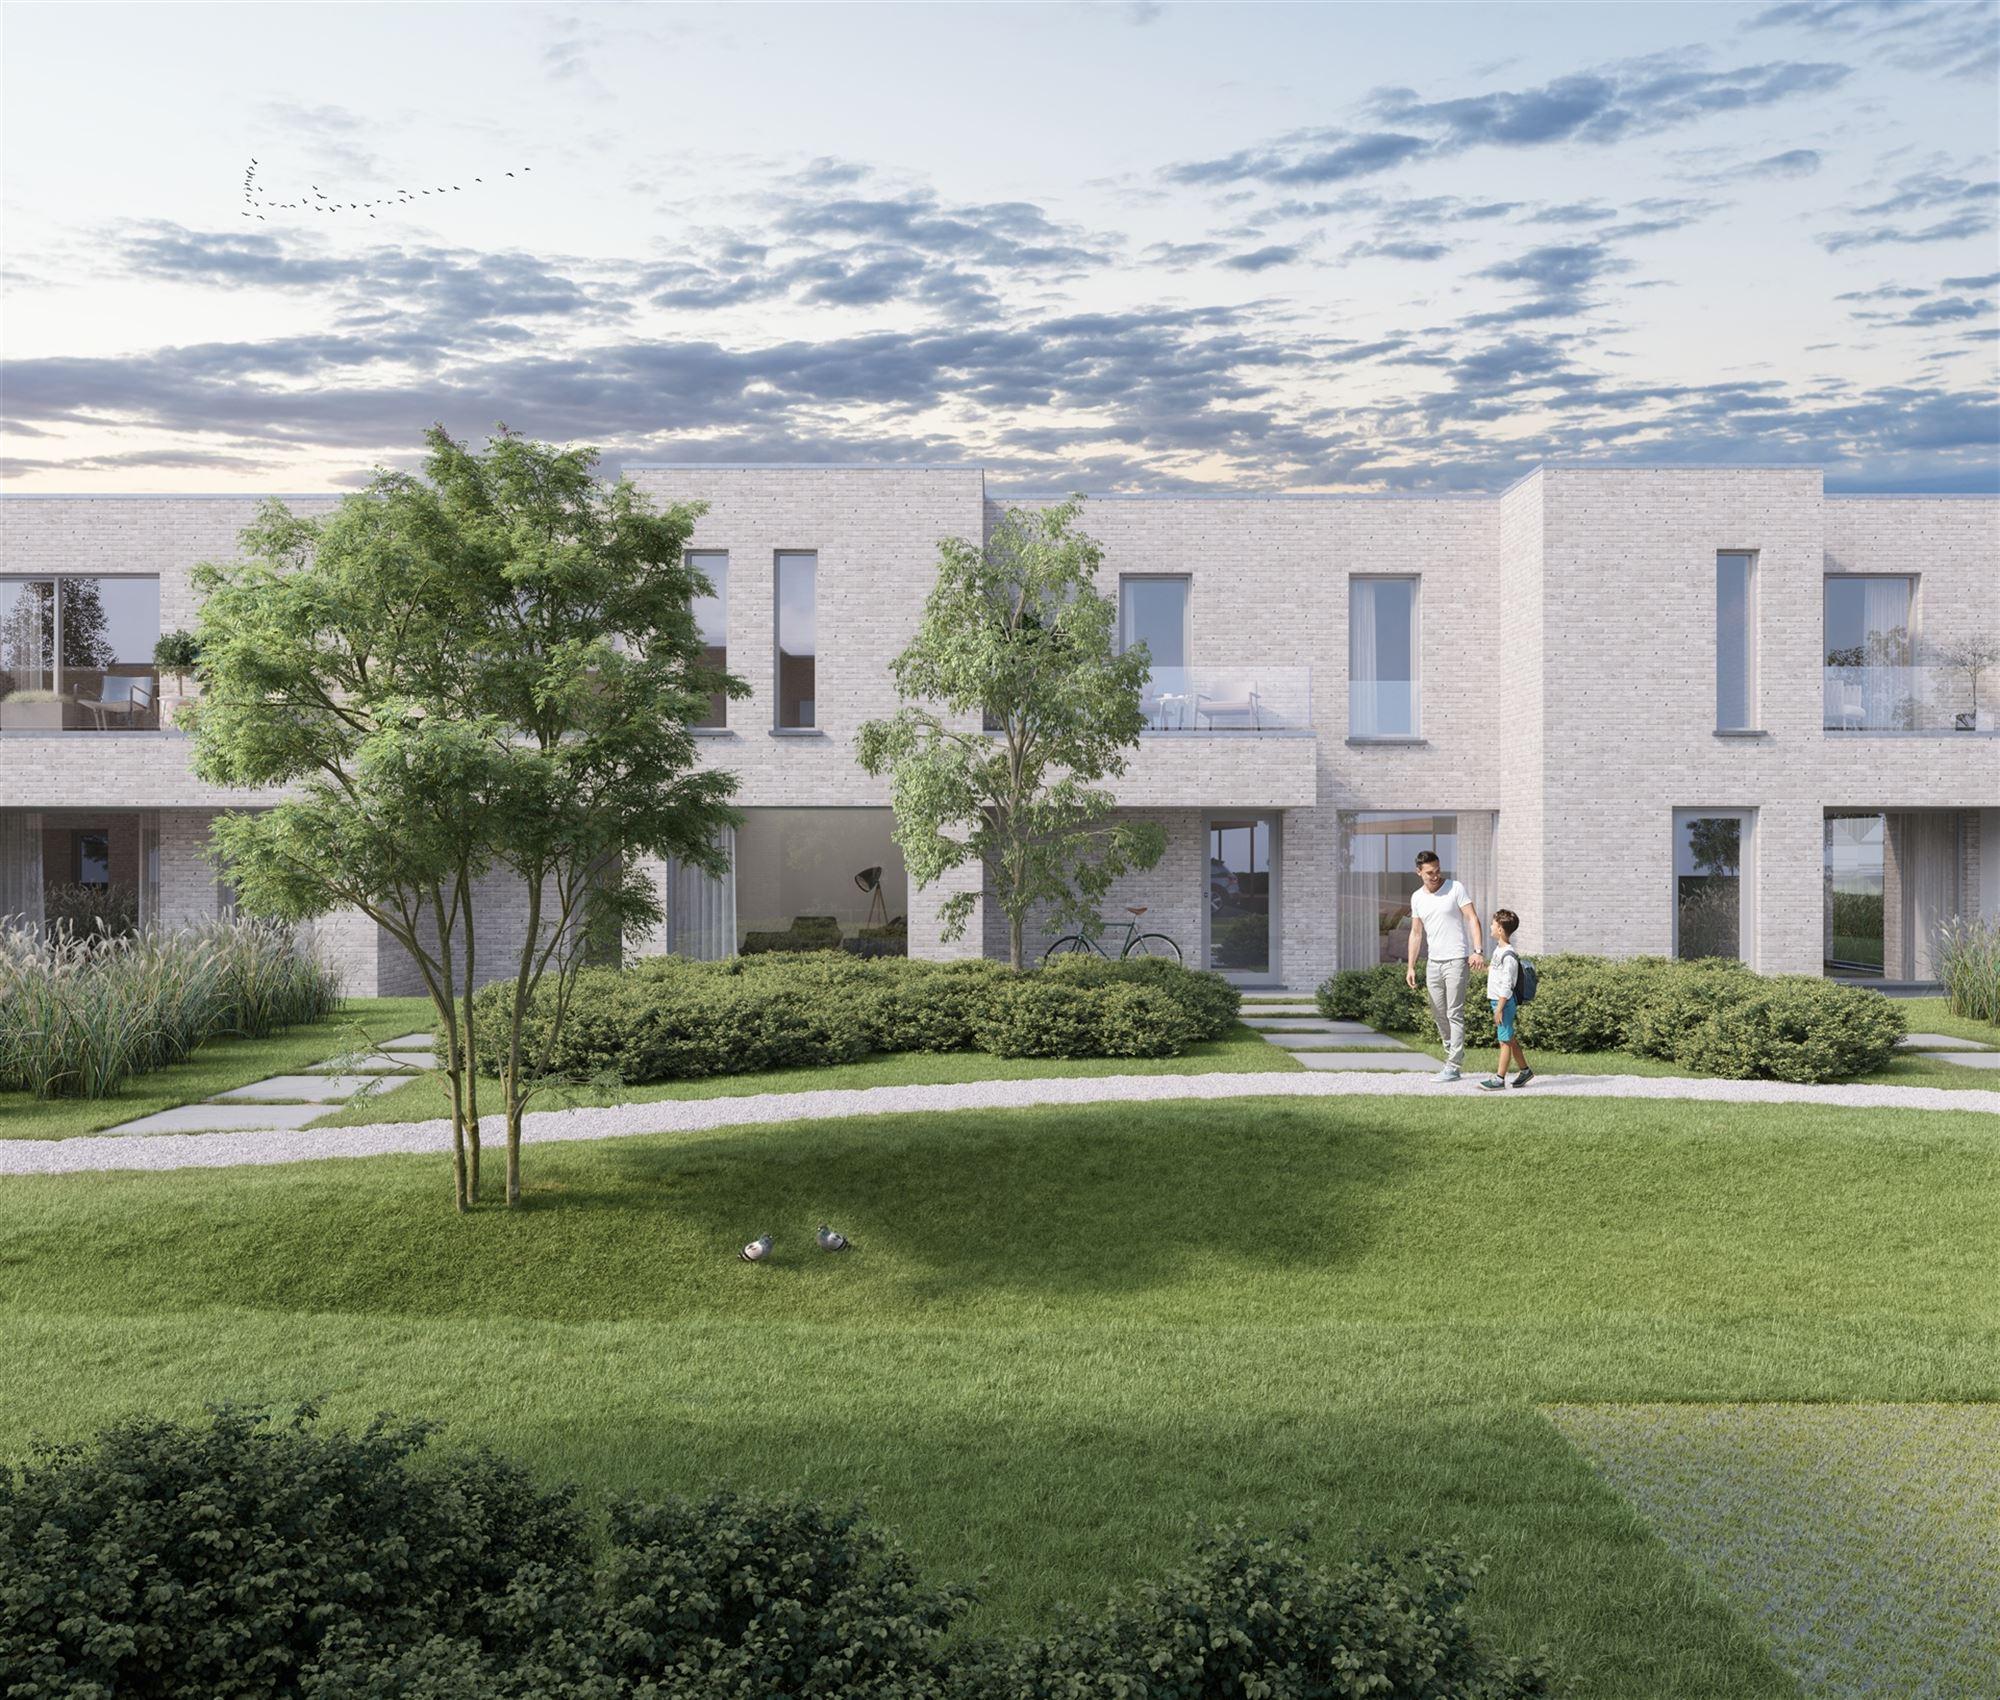 """Het project """"Affligemdreef"""" bestaat uit 11 energiezuinige nieuwbouwwoningen en omvat zowel halfopen als gesloten bebouwingen. Vooraan het project staa..."""